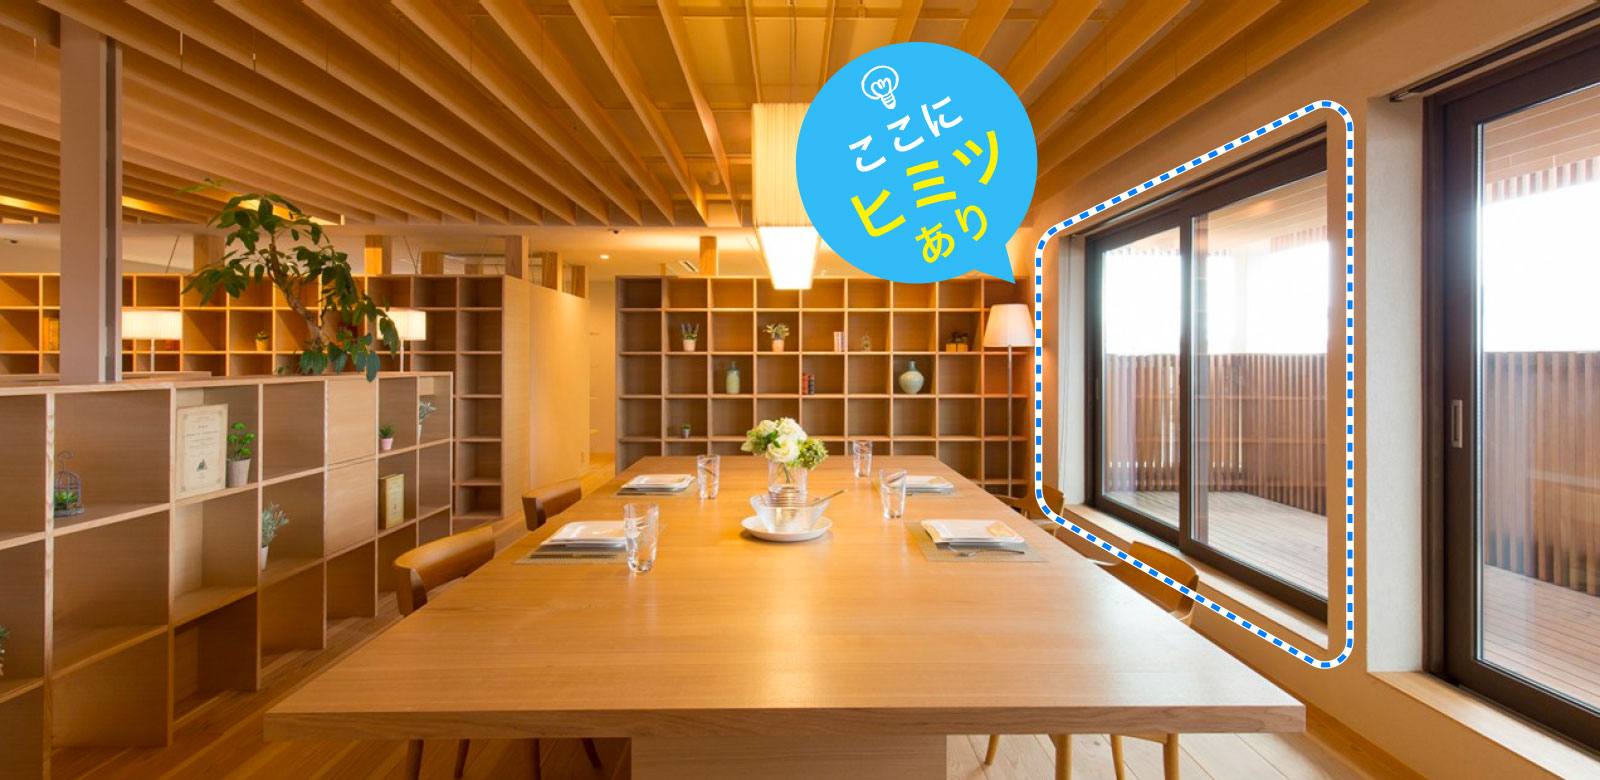 広島の新築・リフォーム・増改築「プレザーホーム」 断熱性と気密性で 冷暖房費を削減